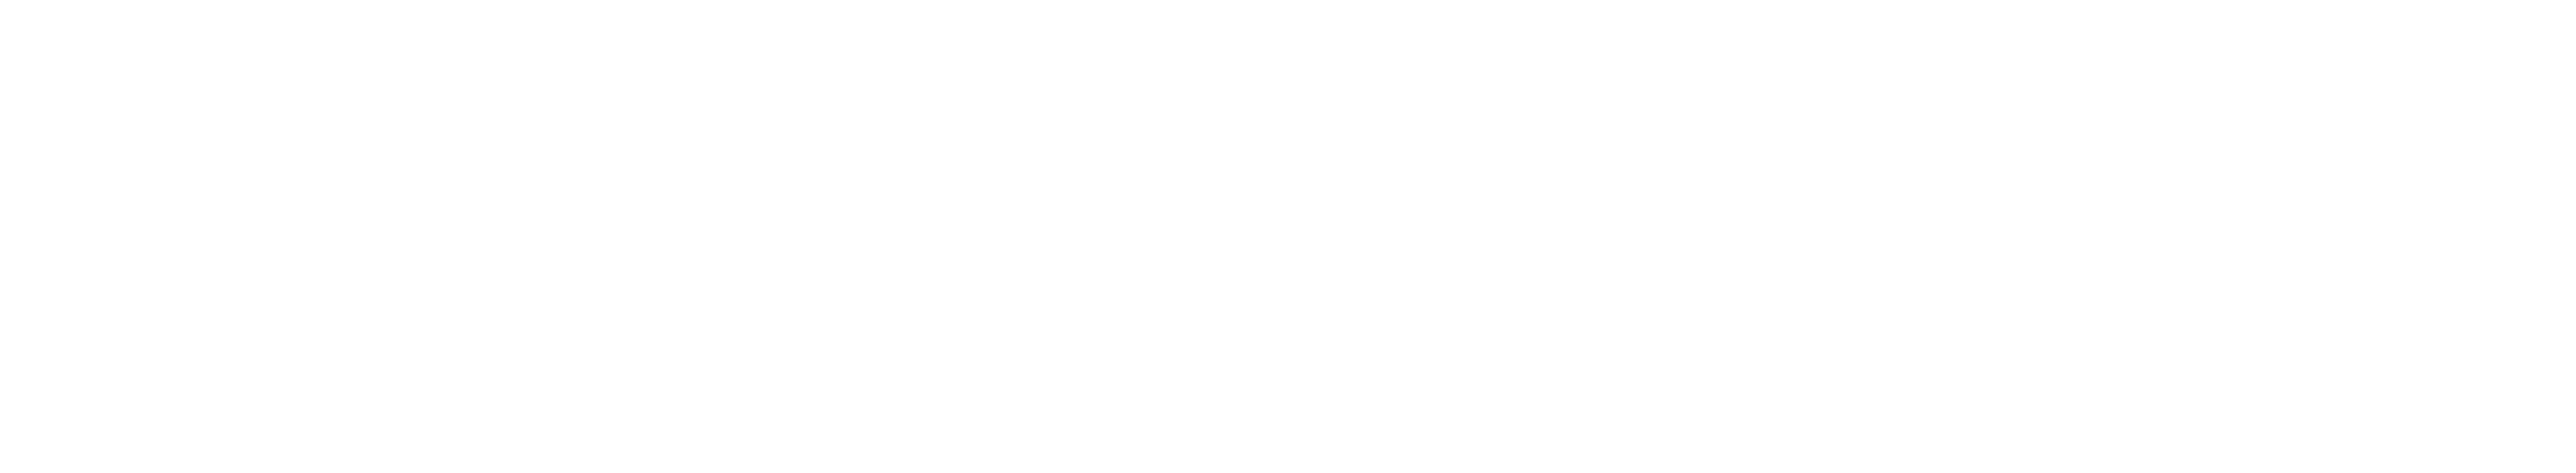 inkiostro-bianco (1)